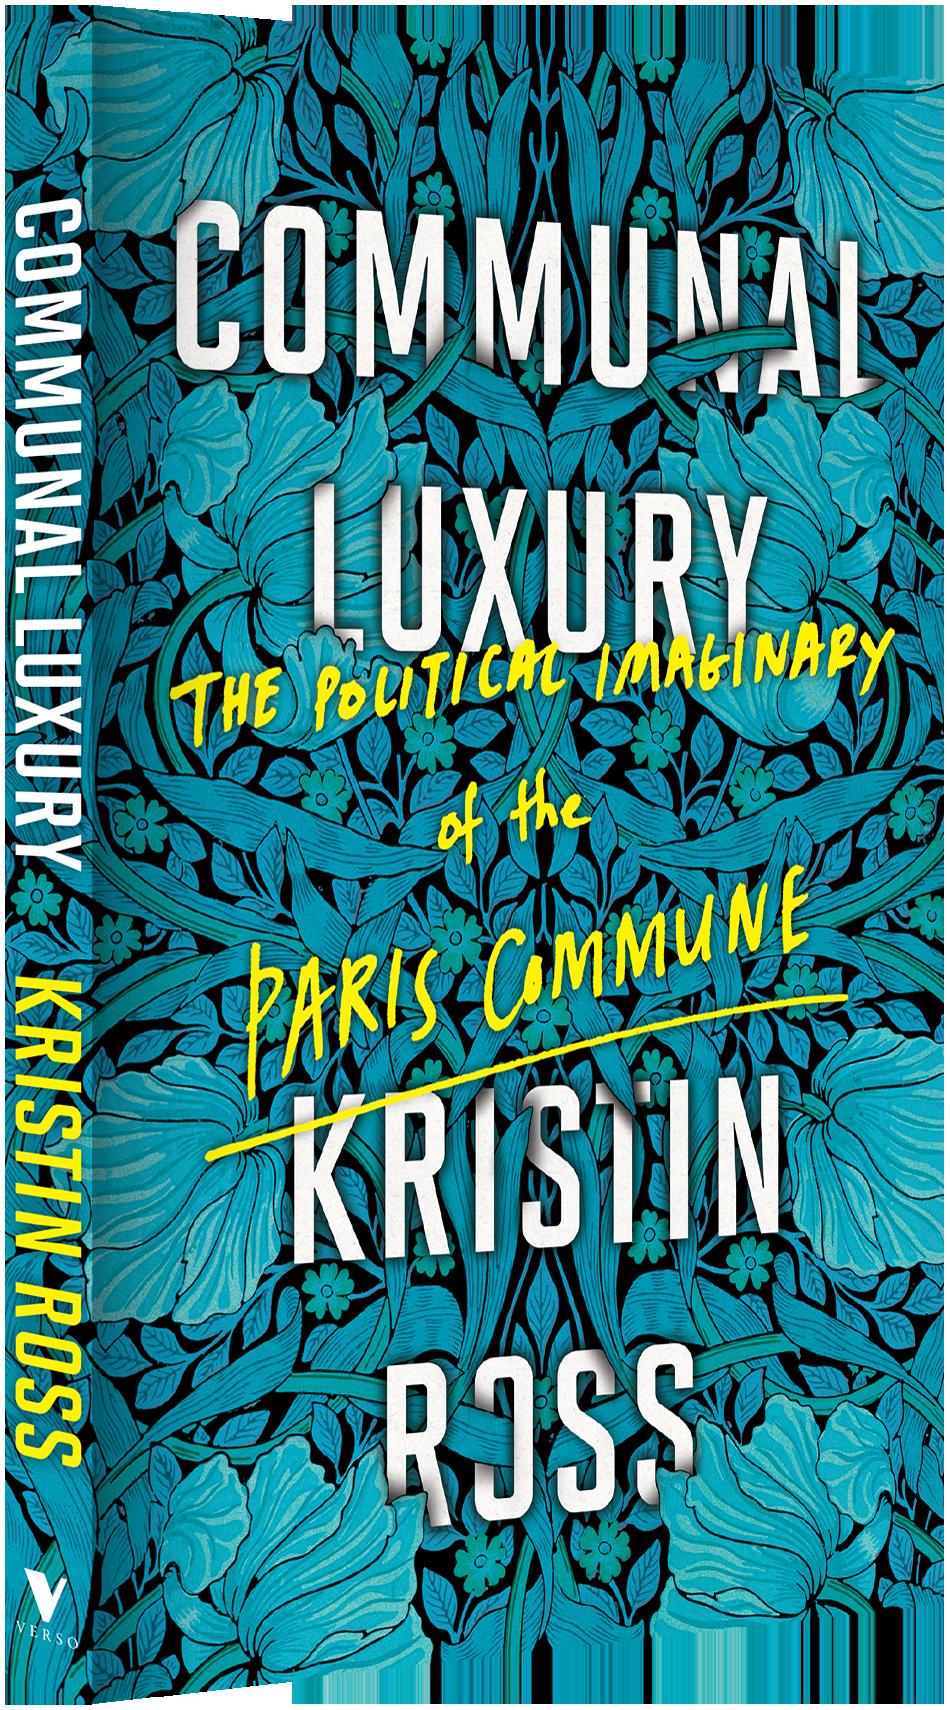 Communal-luxury-pb